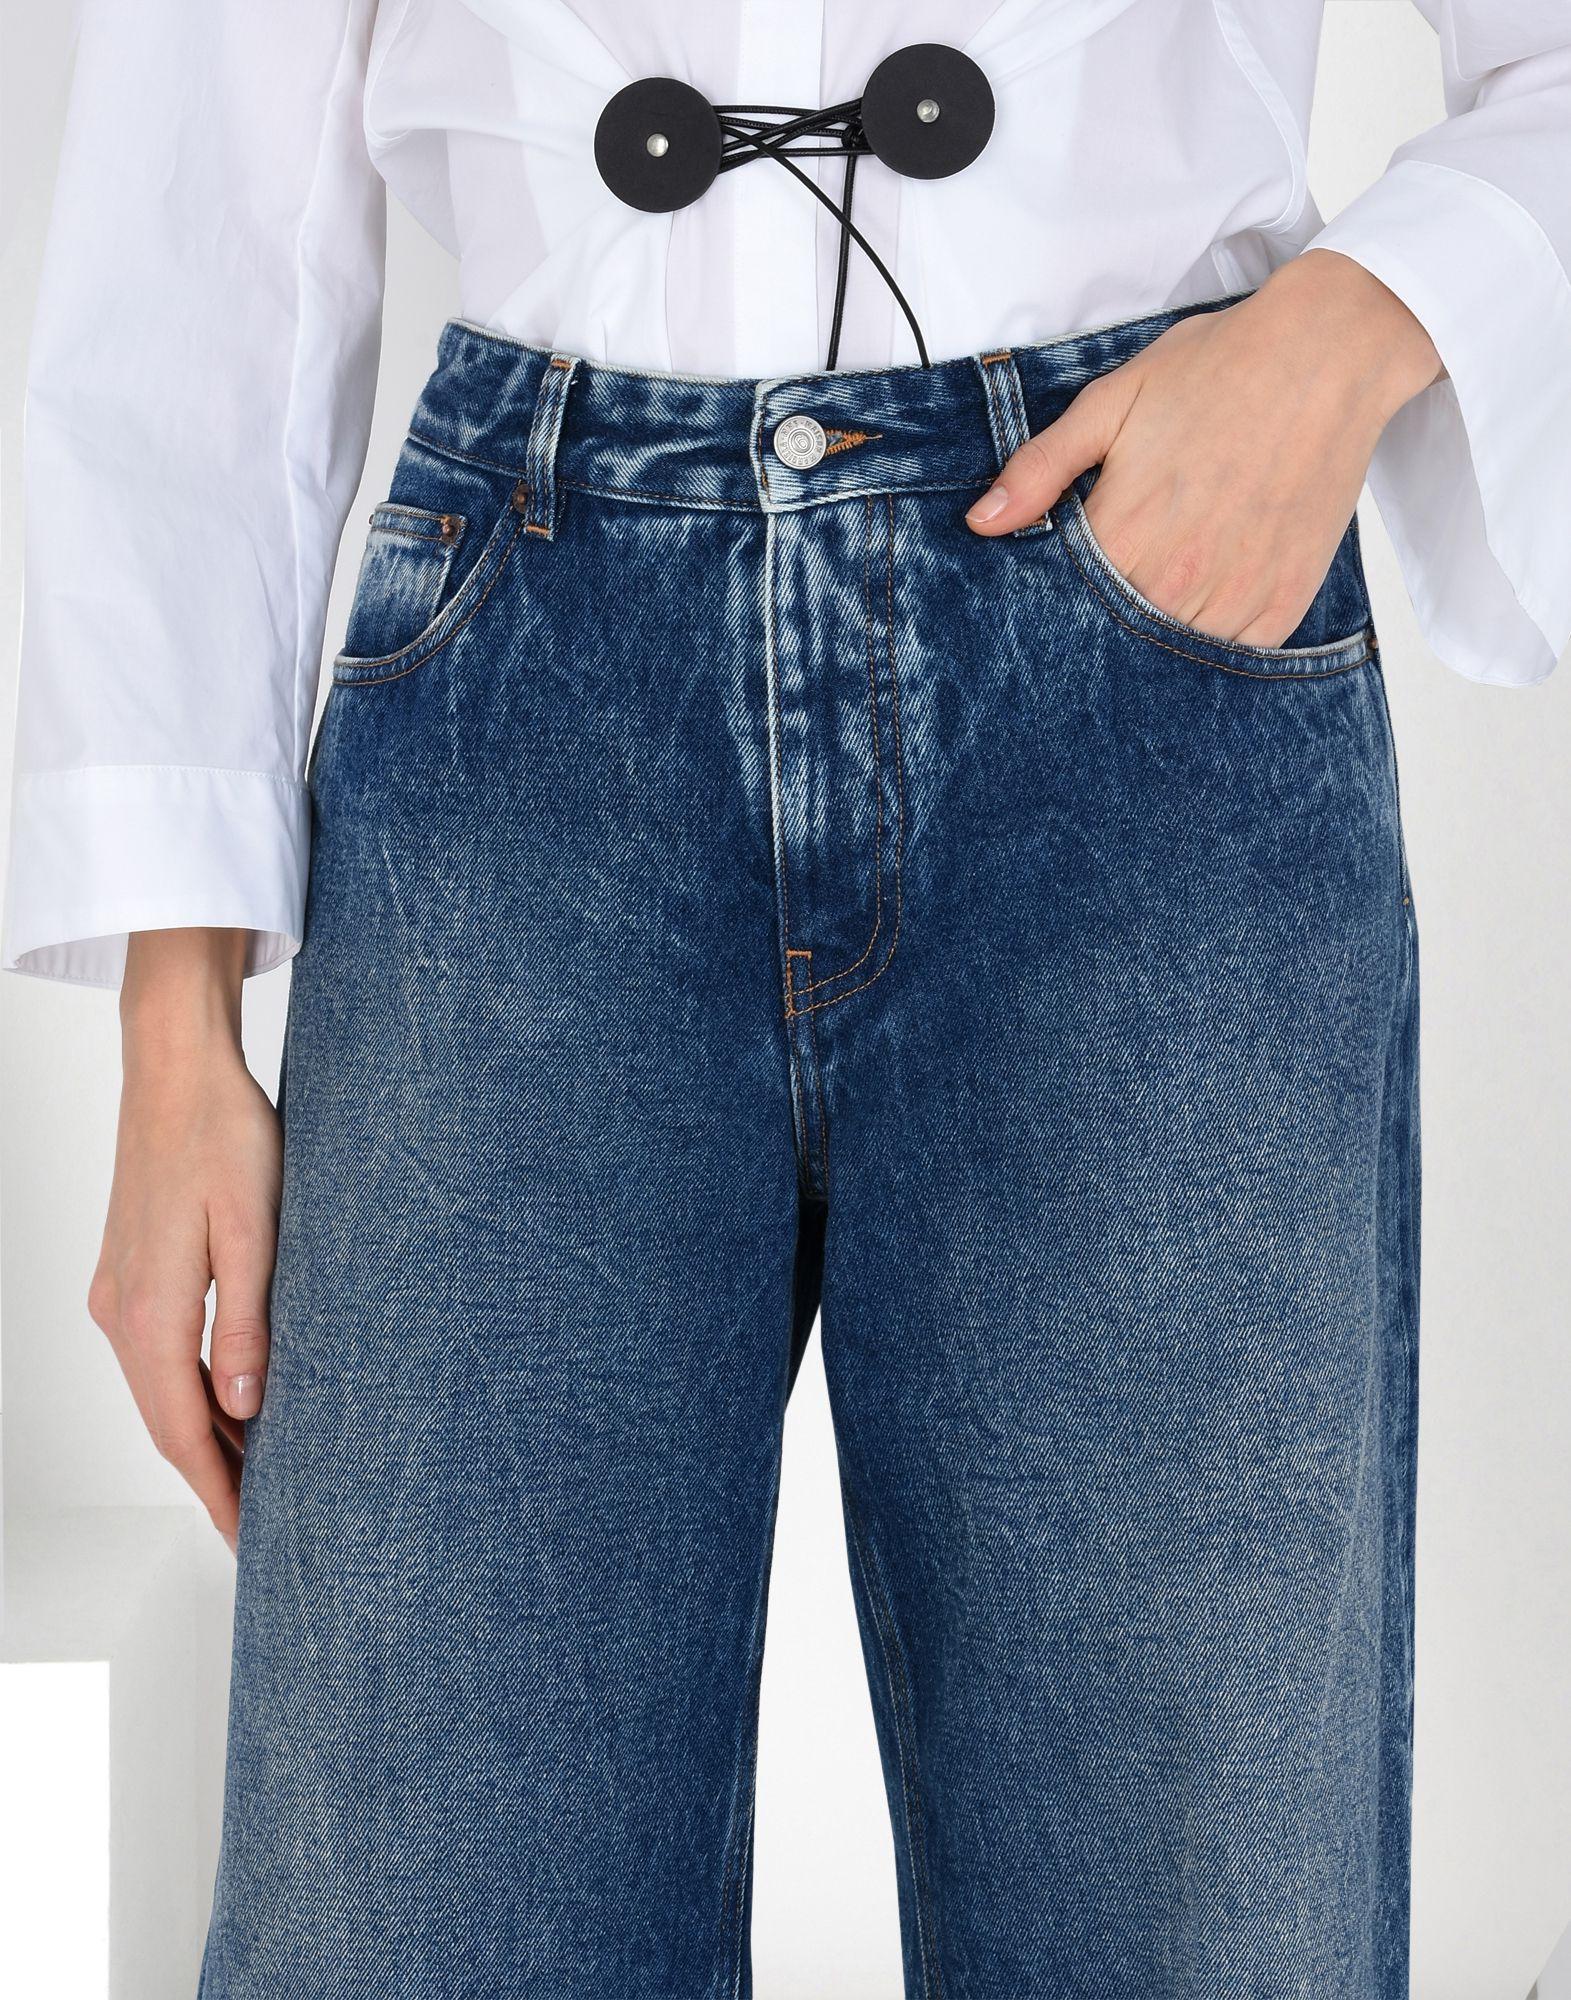 MM6 MAISON MARGIELA Diamond-cut jeans Jeans Woman e